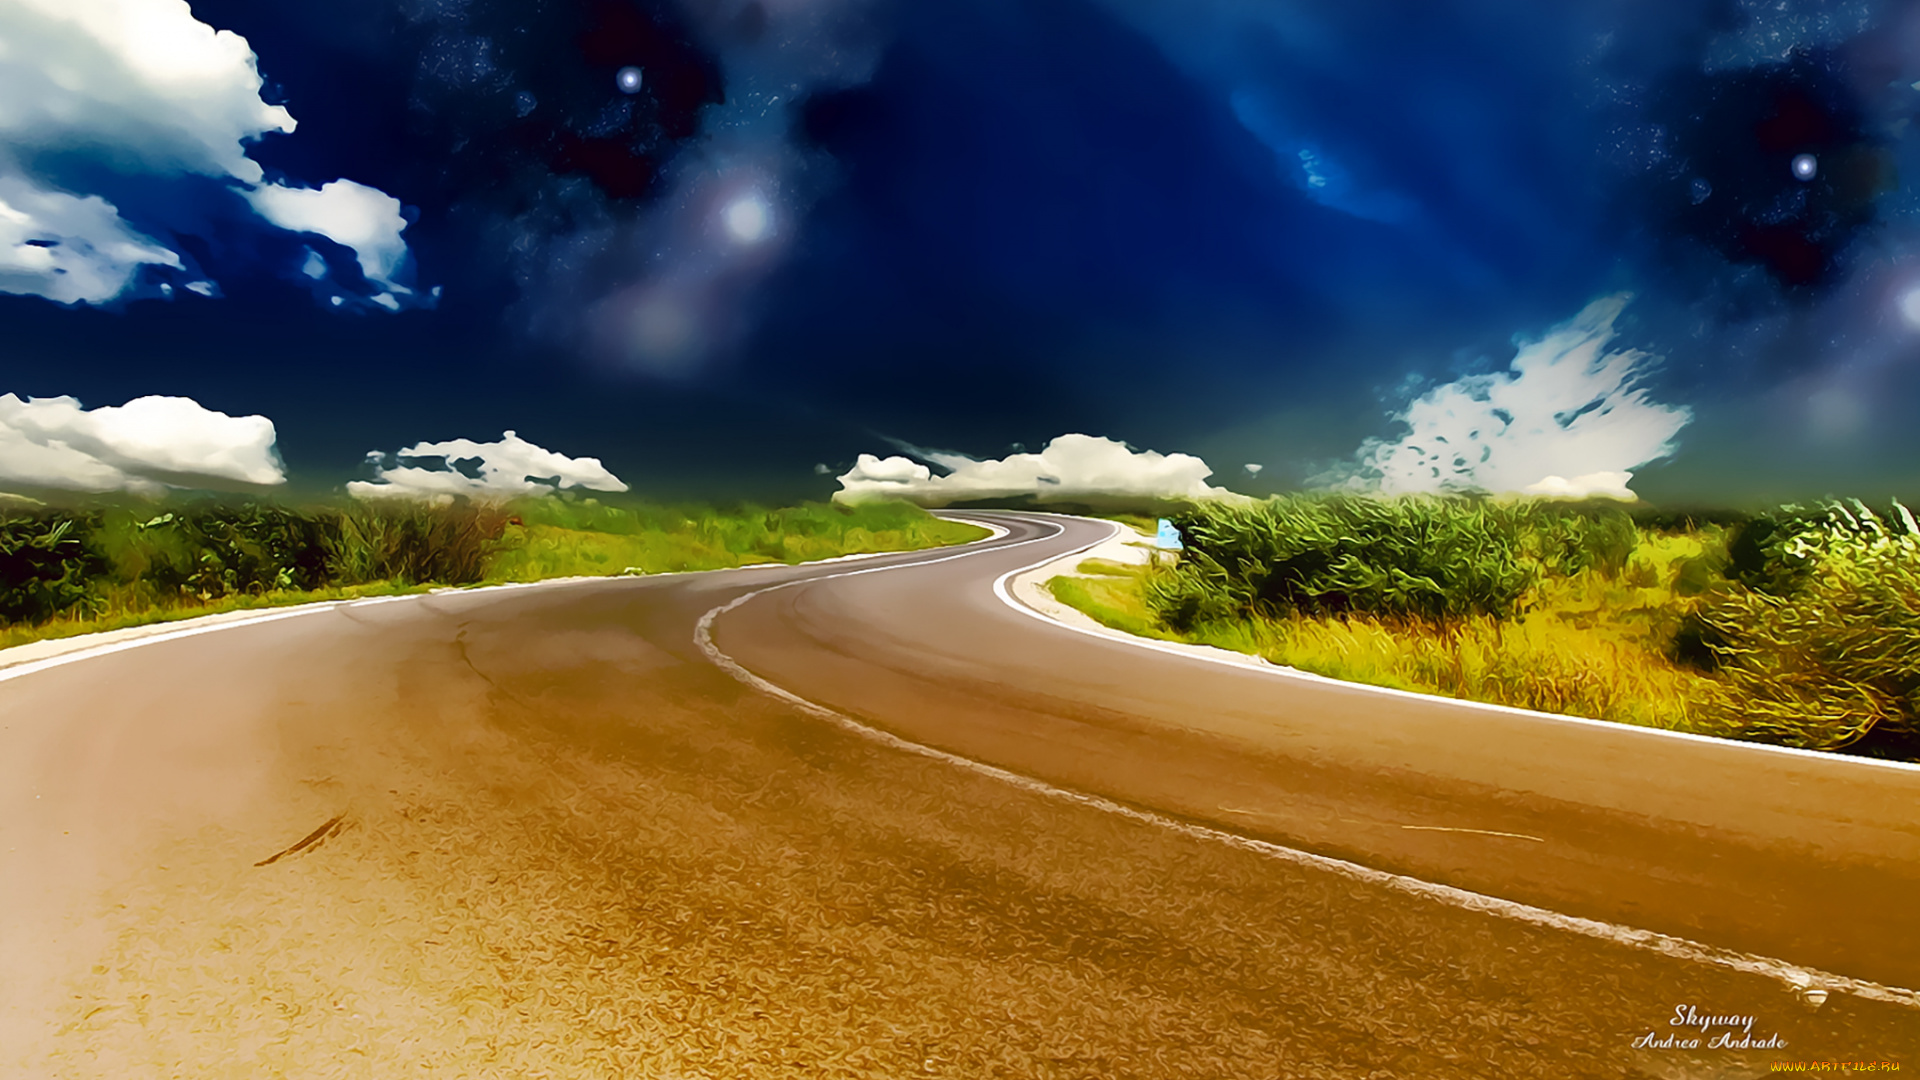 Картинки на тему путь дорога